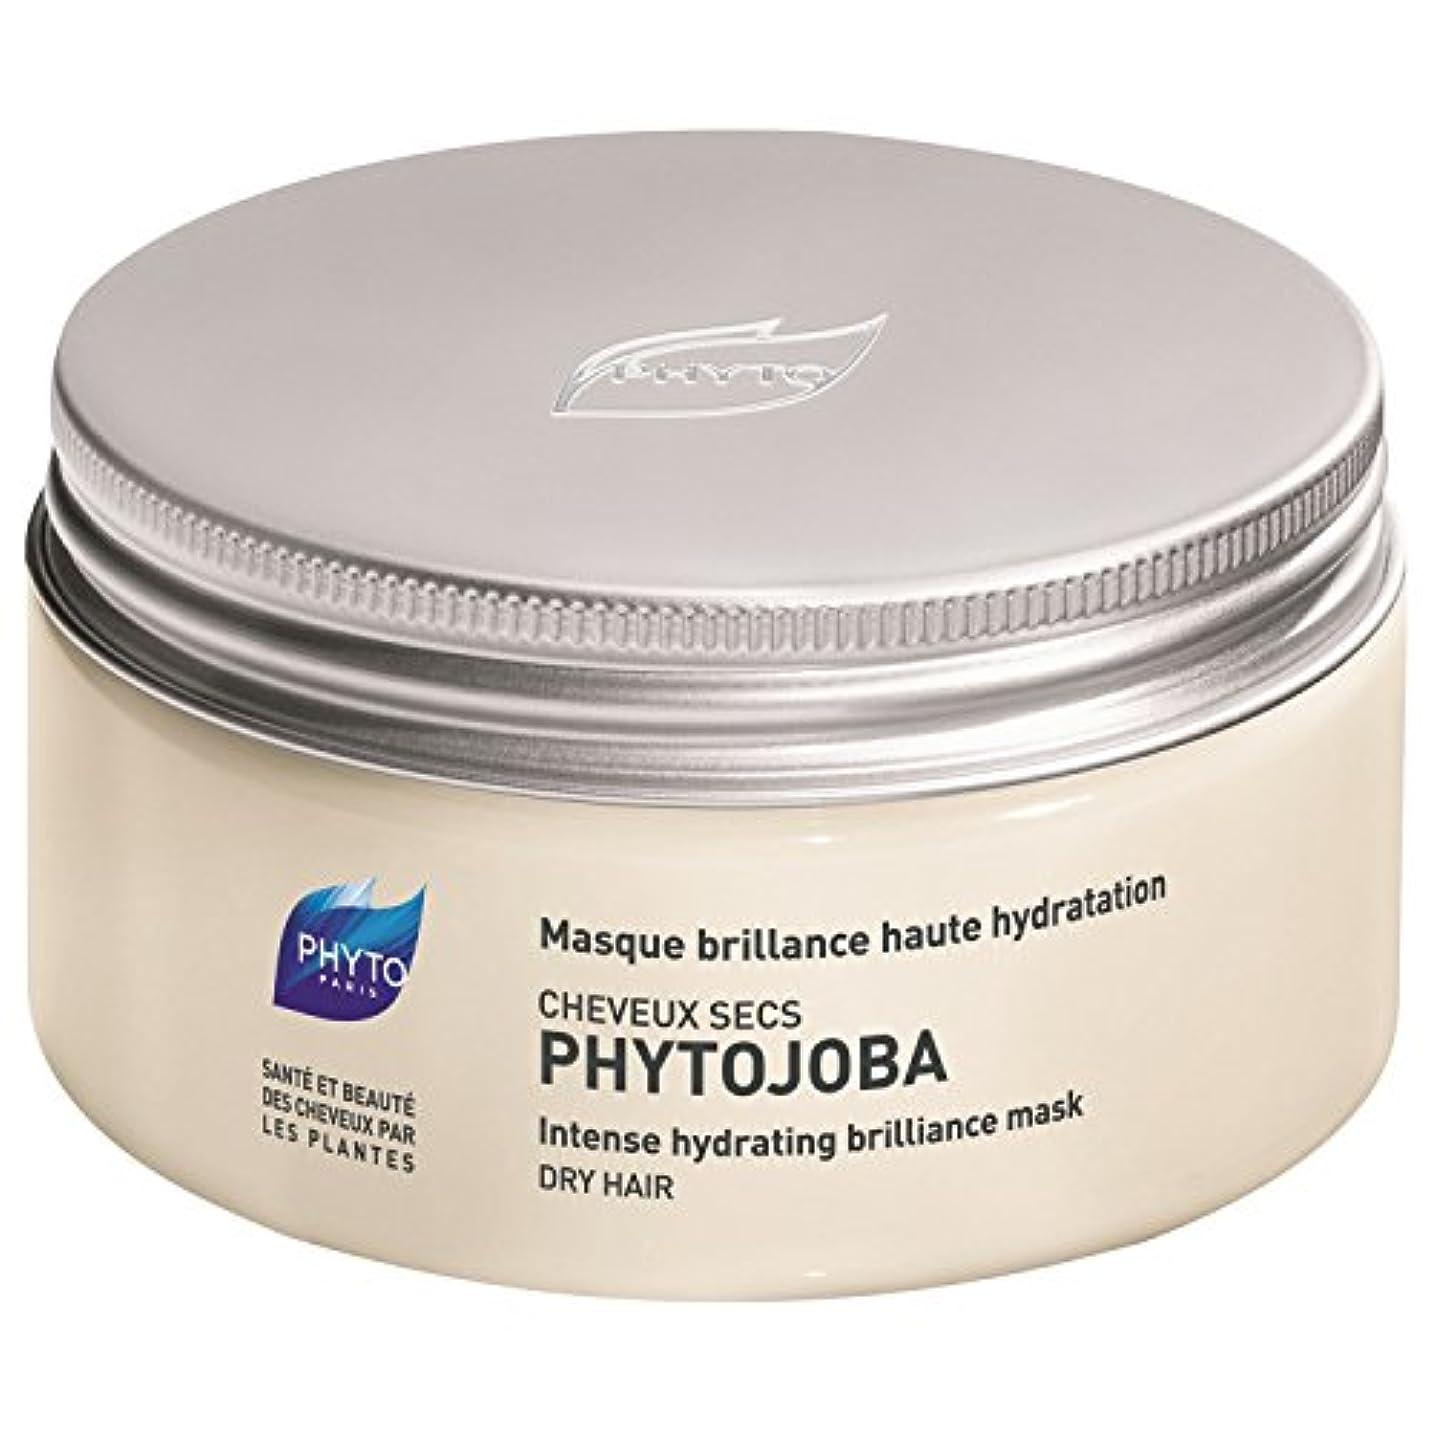 虫を数えるメリーペースフィトPhytojoba強烈な水分補給マスク200ミリリットル (Phyto) - Phyto Phytojoba Intense Hydrating Mask 200ml [並行輸入品]